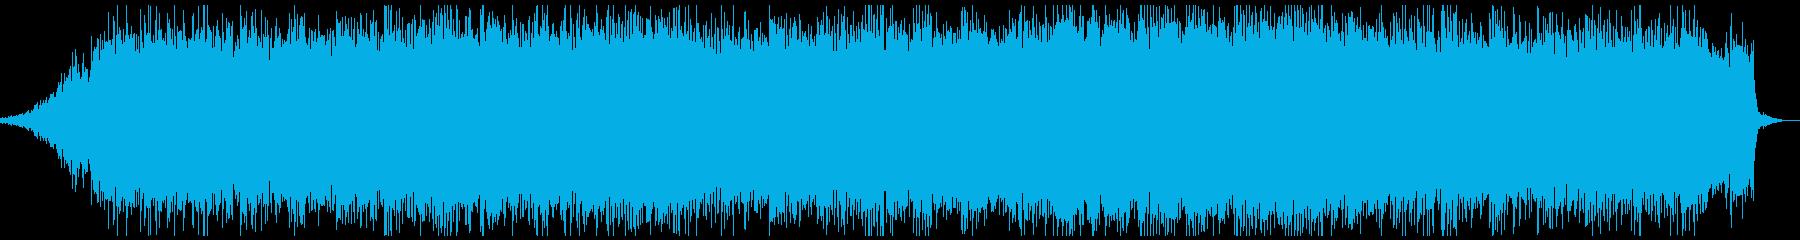 ピアノやシンセサイザーのアンビエントの再生済みの波形